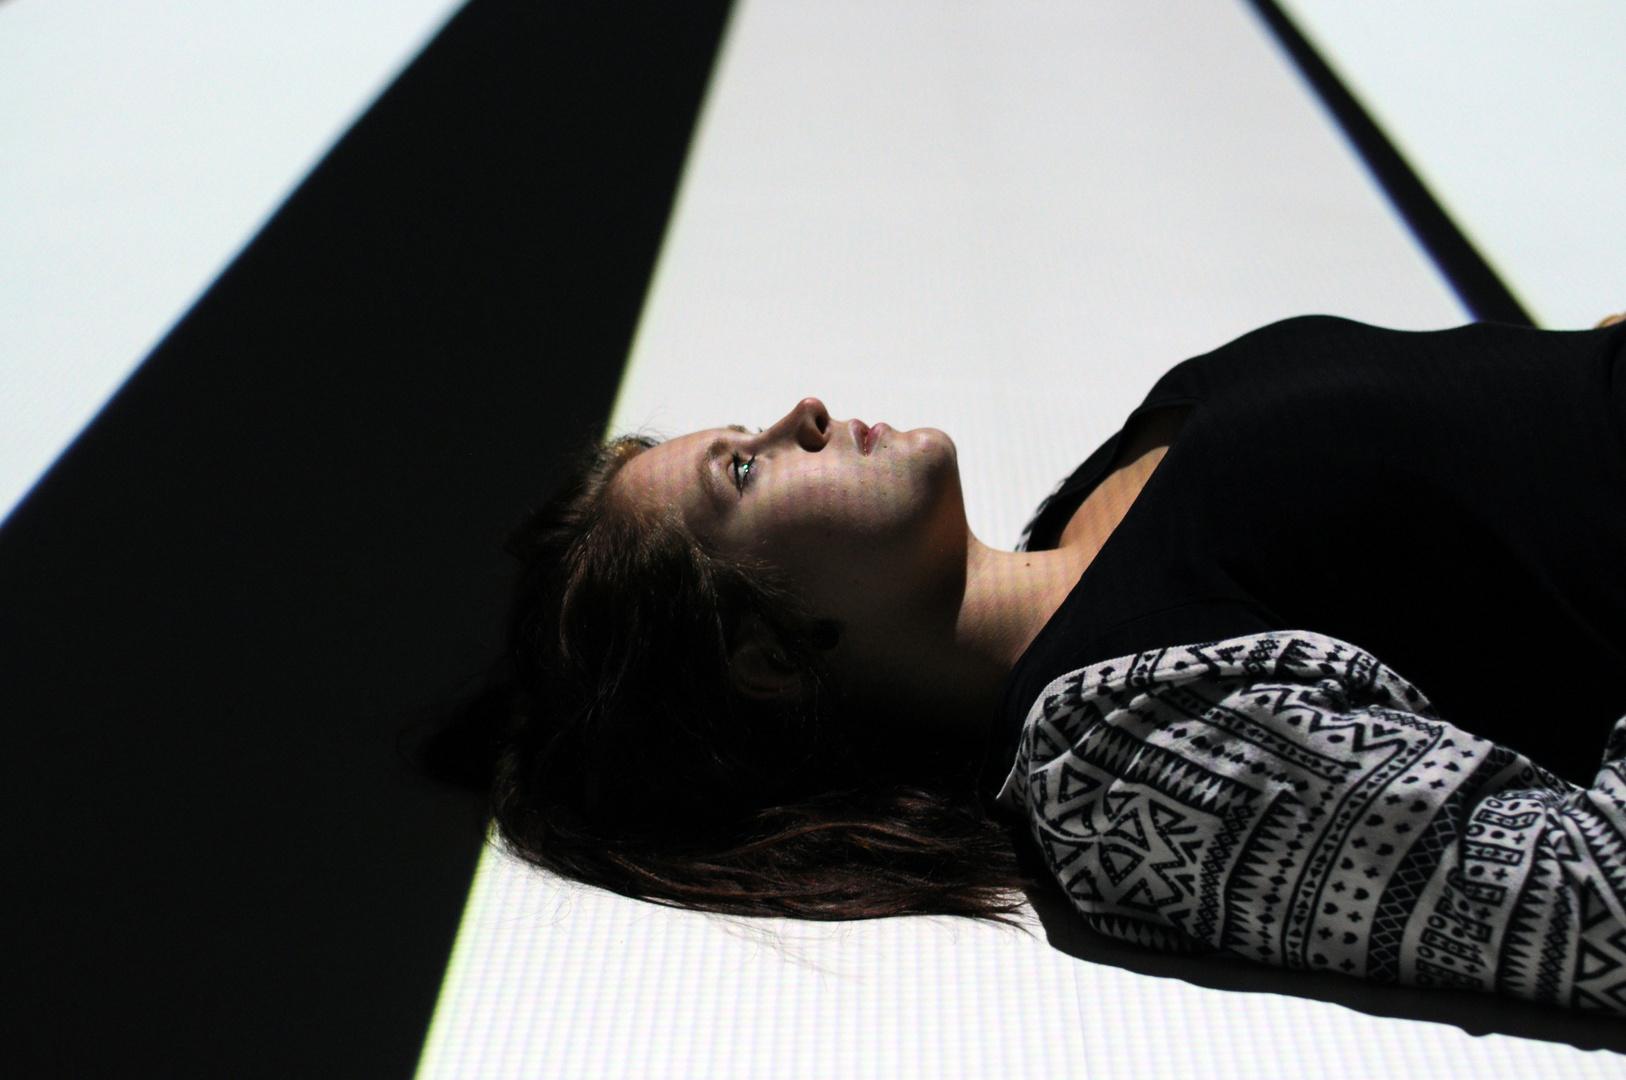 Lichter führen zur Hypnose